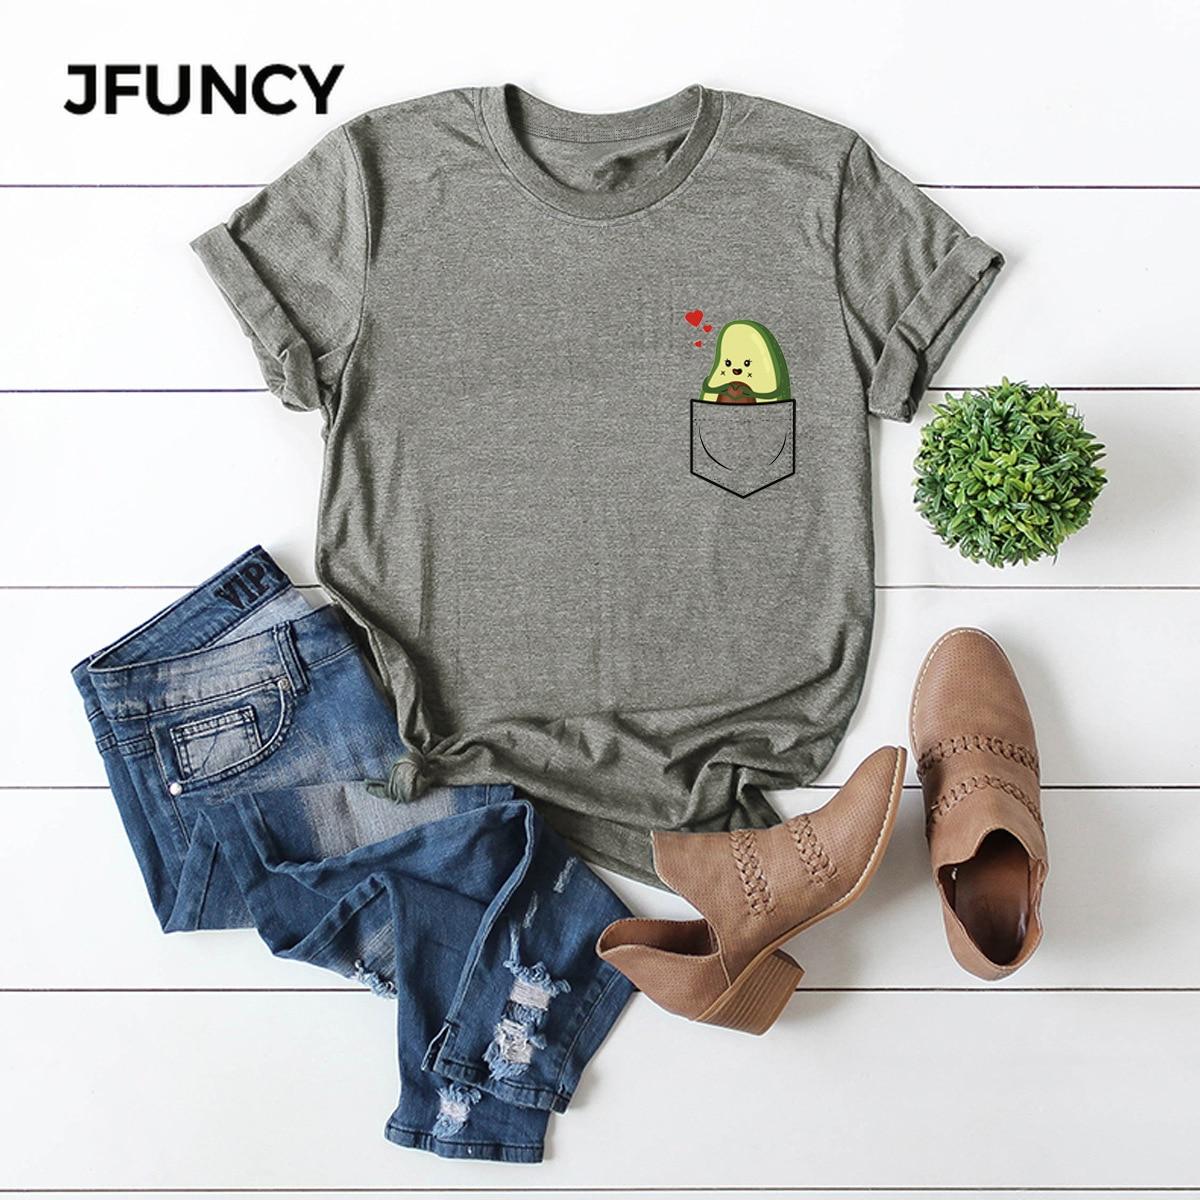 JFUNCY Fun Cartoon Pocket Print Loose T Shirt Oversize Women Tees Tops Summer Cotton T-Shirt Woman Shirts Fashion Casual Tshirt